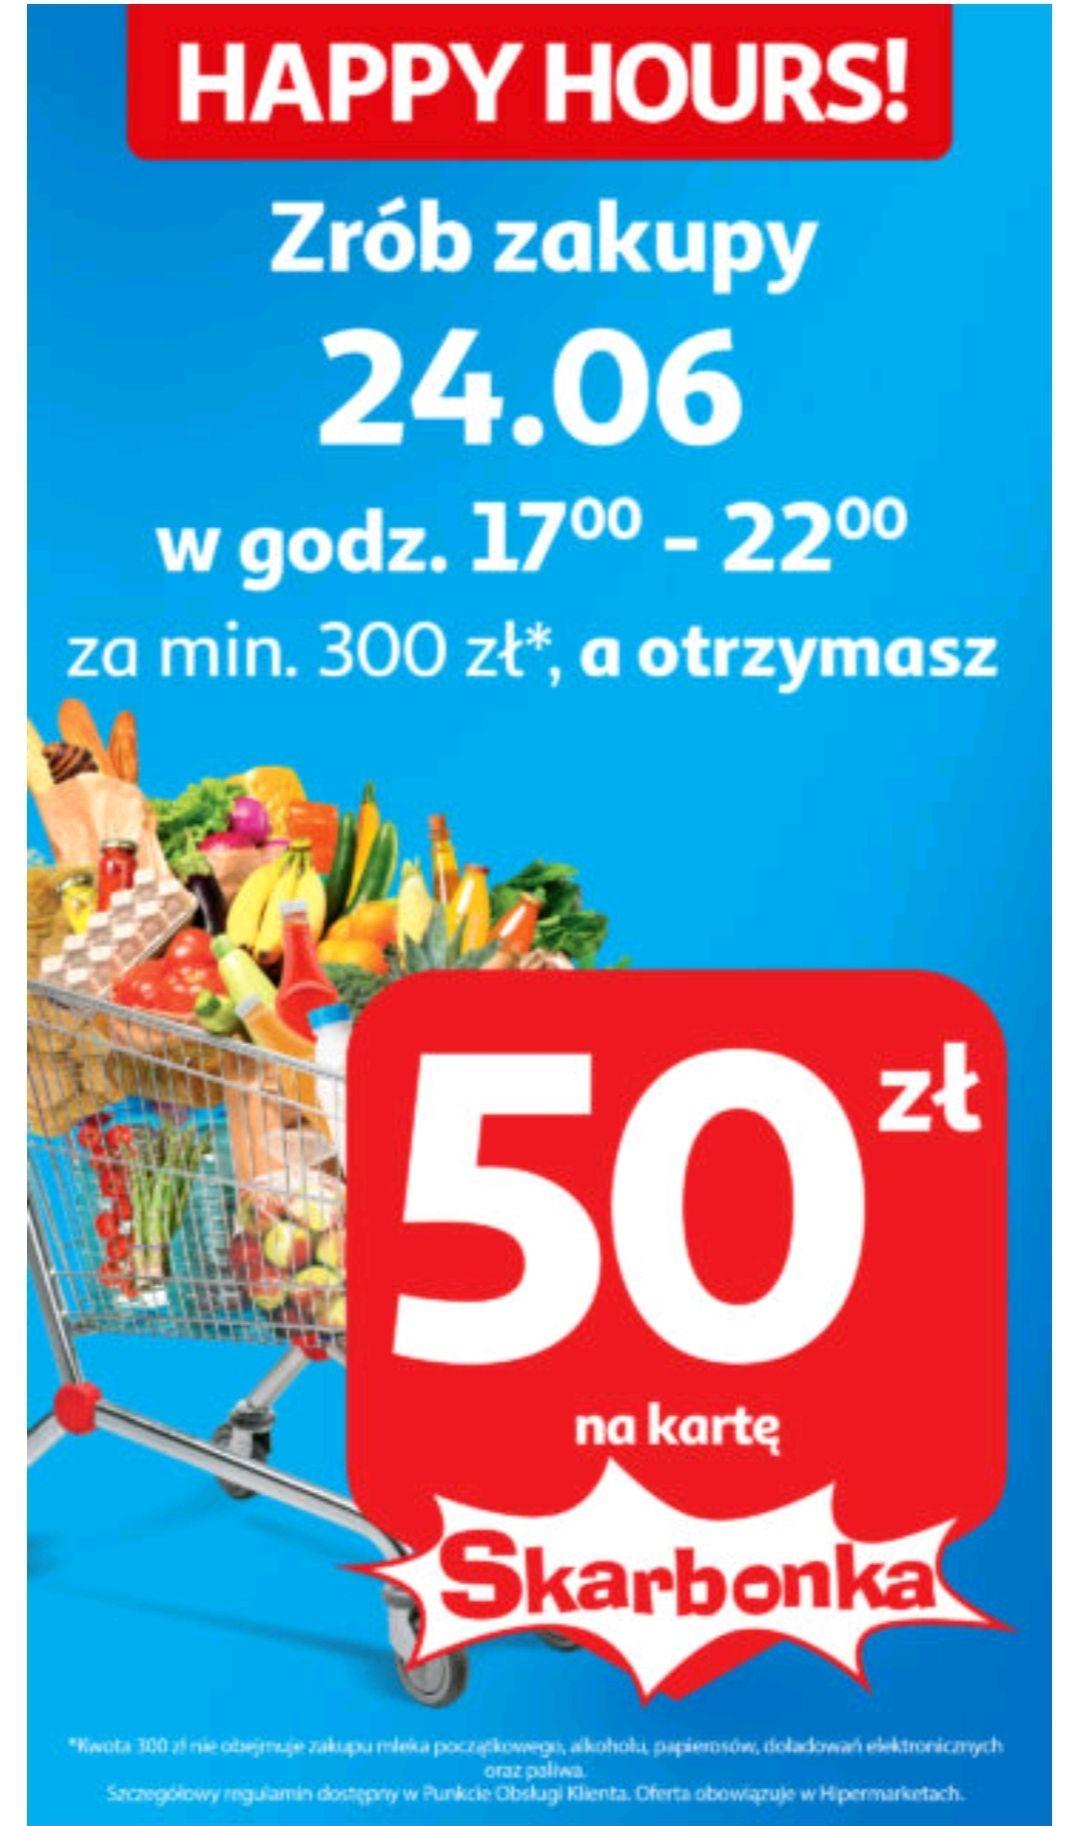 50zl zwrotu za zakupy od 300zl w Auchan